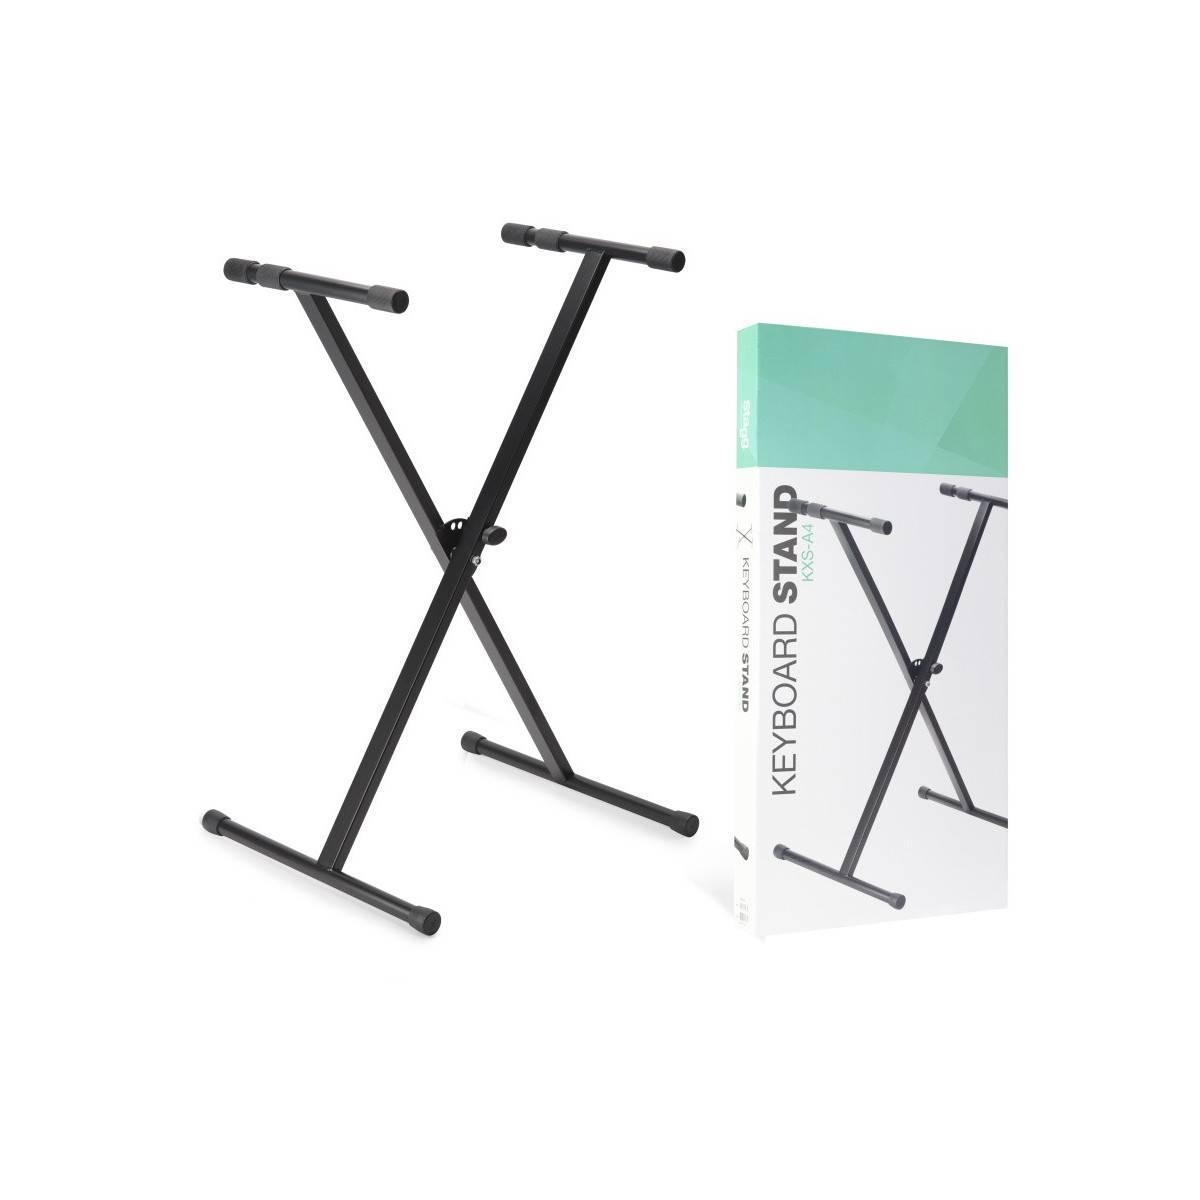 Support en X pour clavier